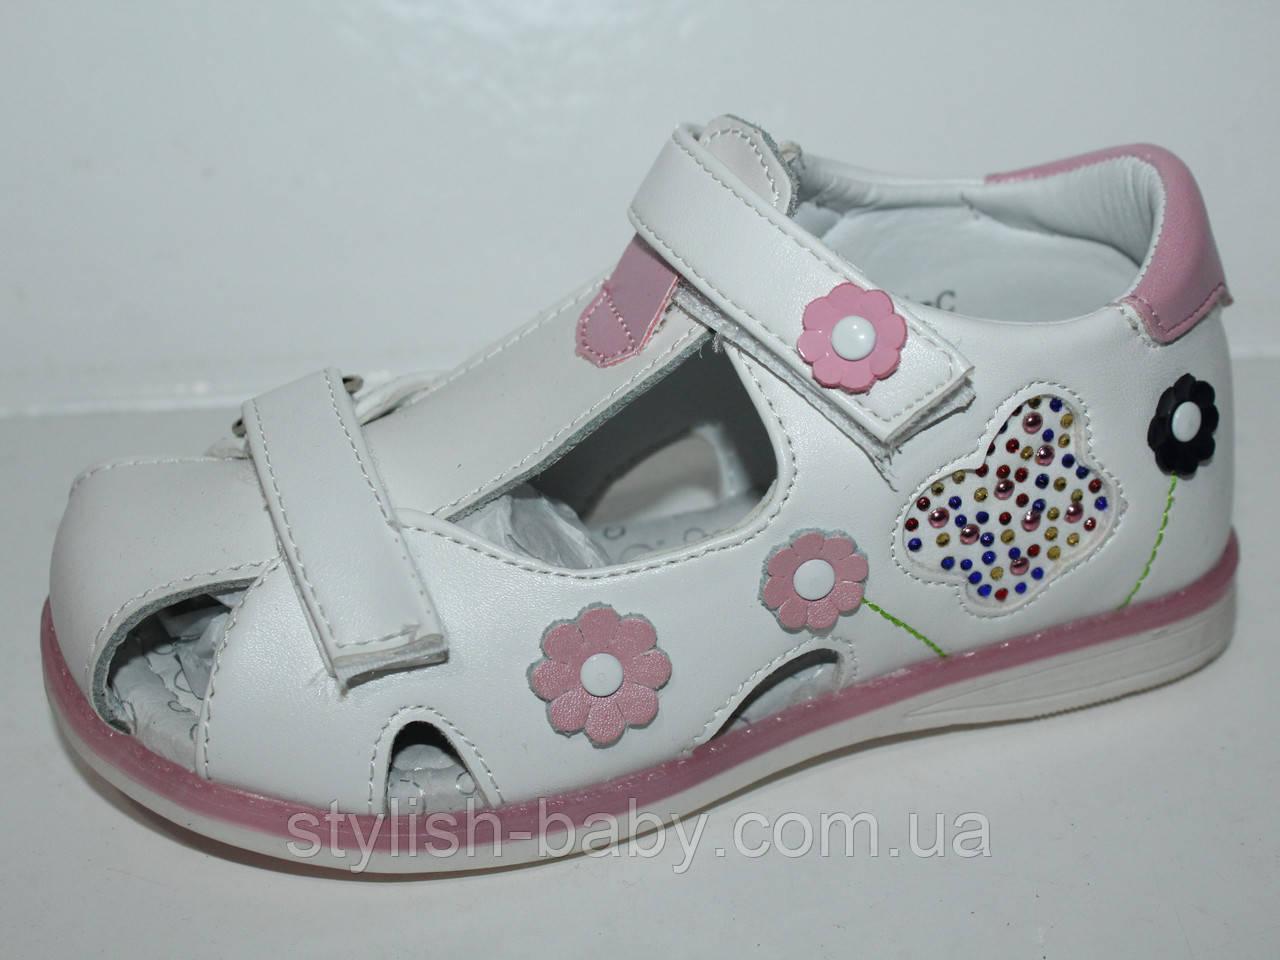 Летняя обувь оптом. Детские босоножки бренда Tom.m для девочек (рр. с 26 по 31)